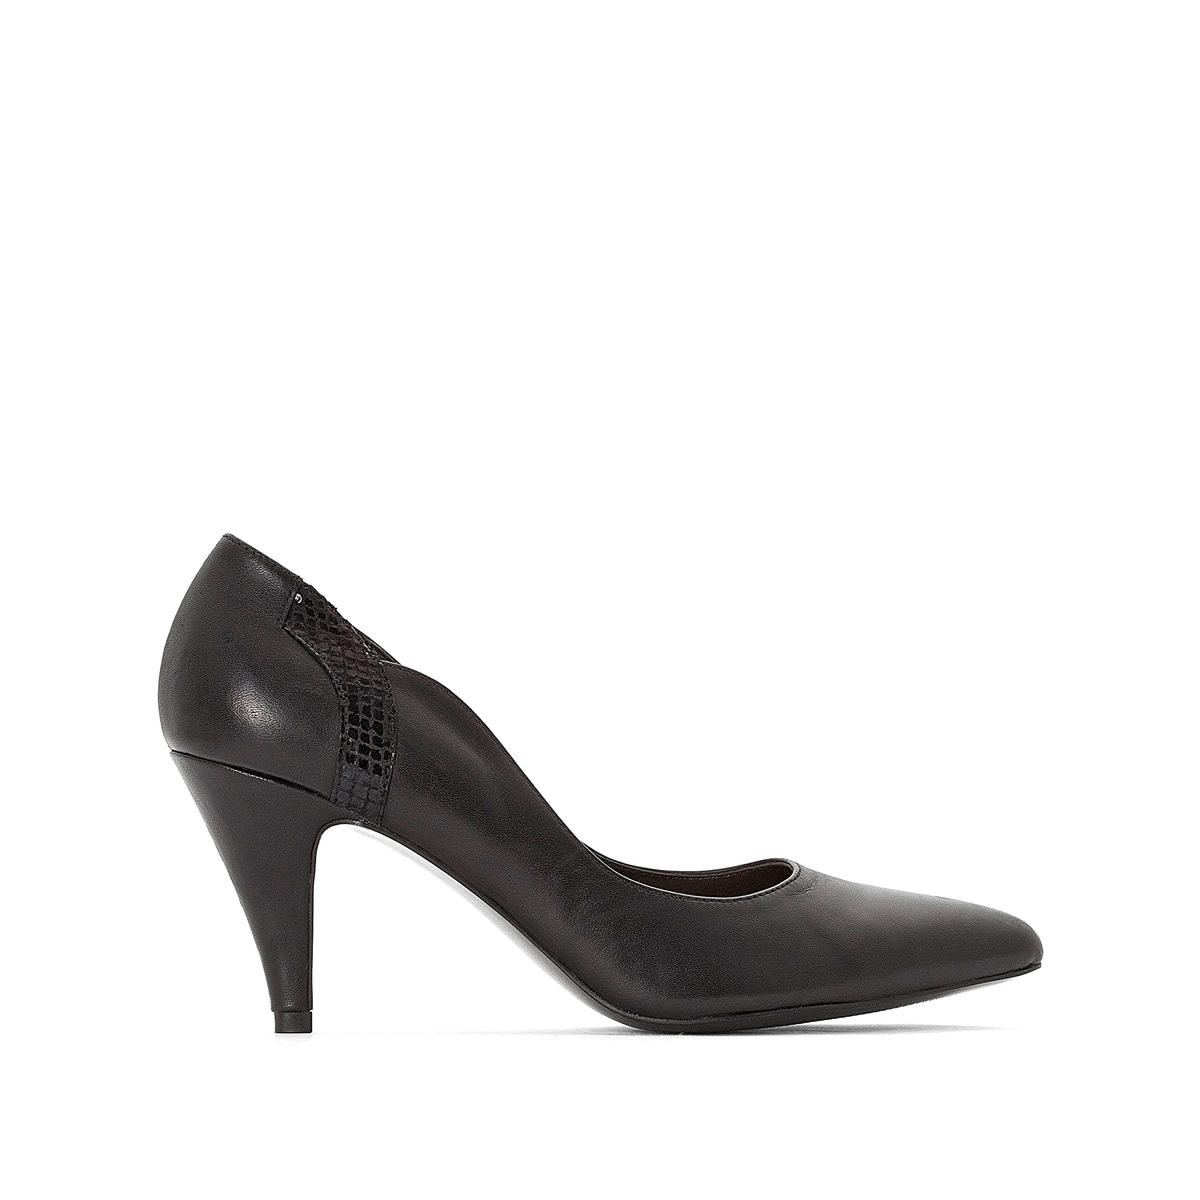 Imagen principal de producto de Zapatos de tacón de piel con detalle de corte ondulado - Anne weyburn